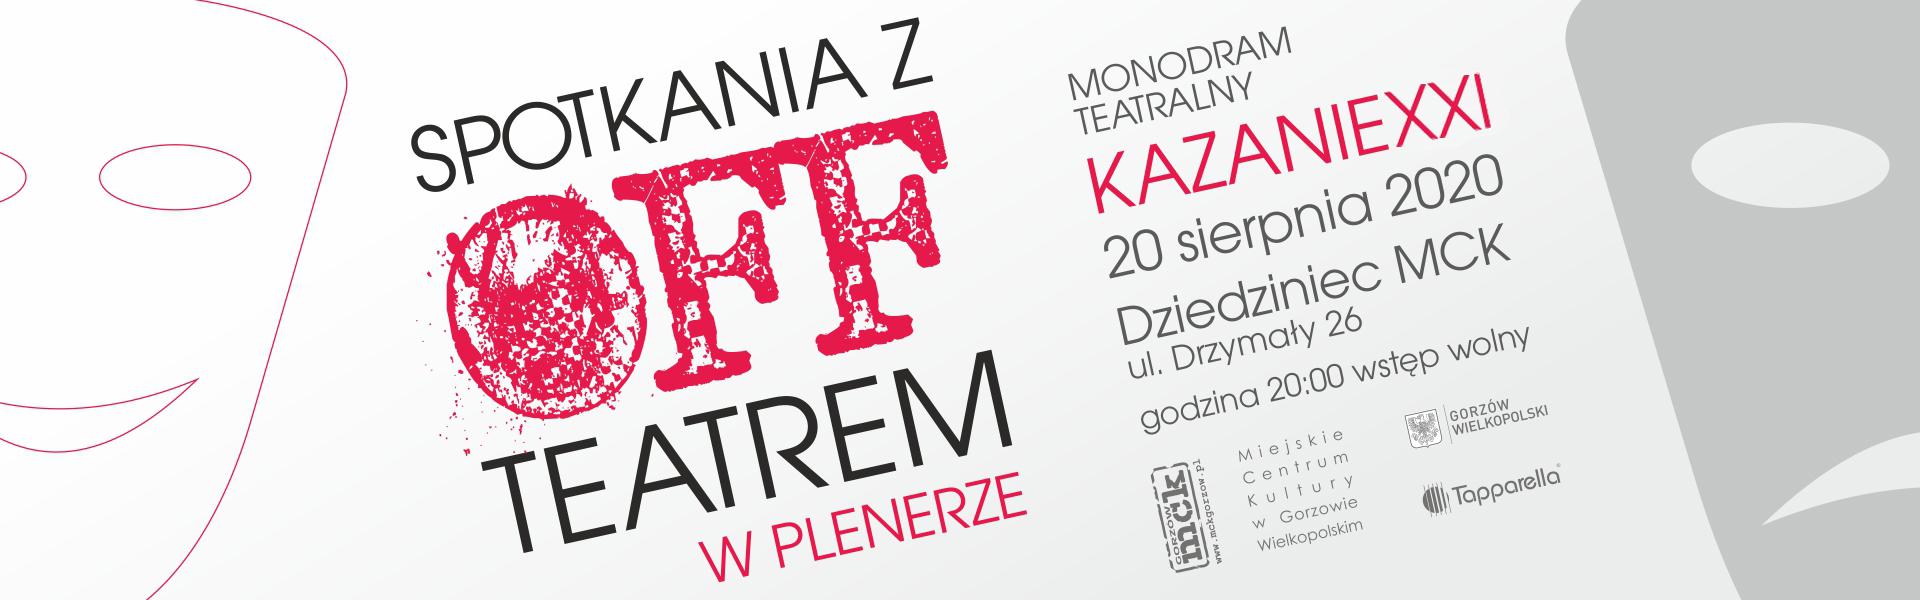 Plakat Spotkań z OFFTeatrem - Kazanie XXI